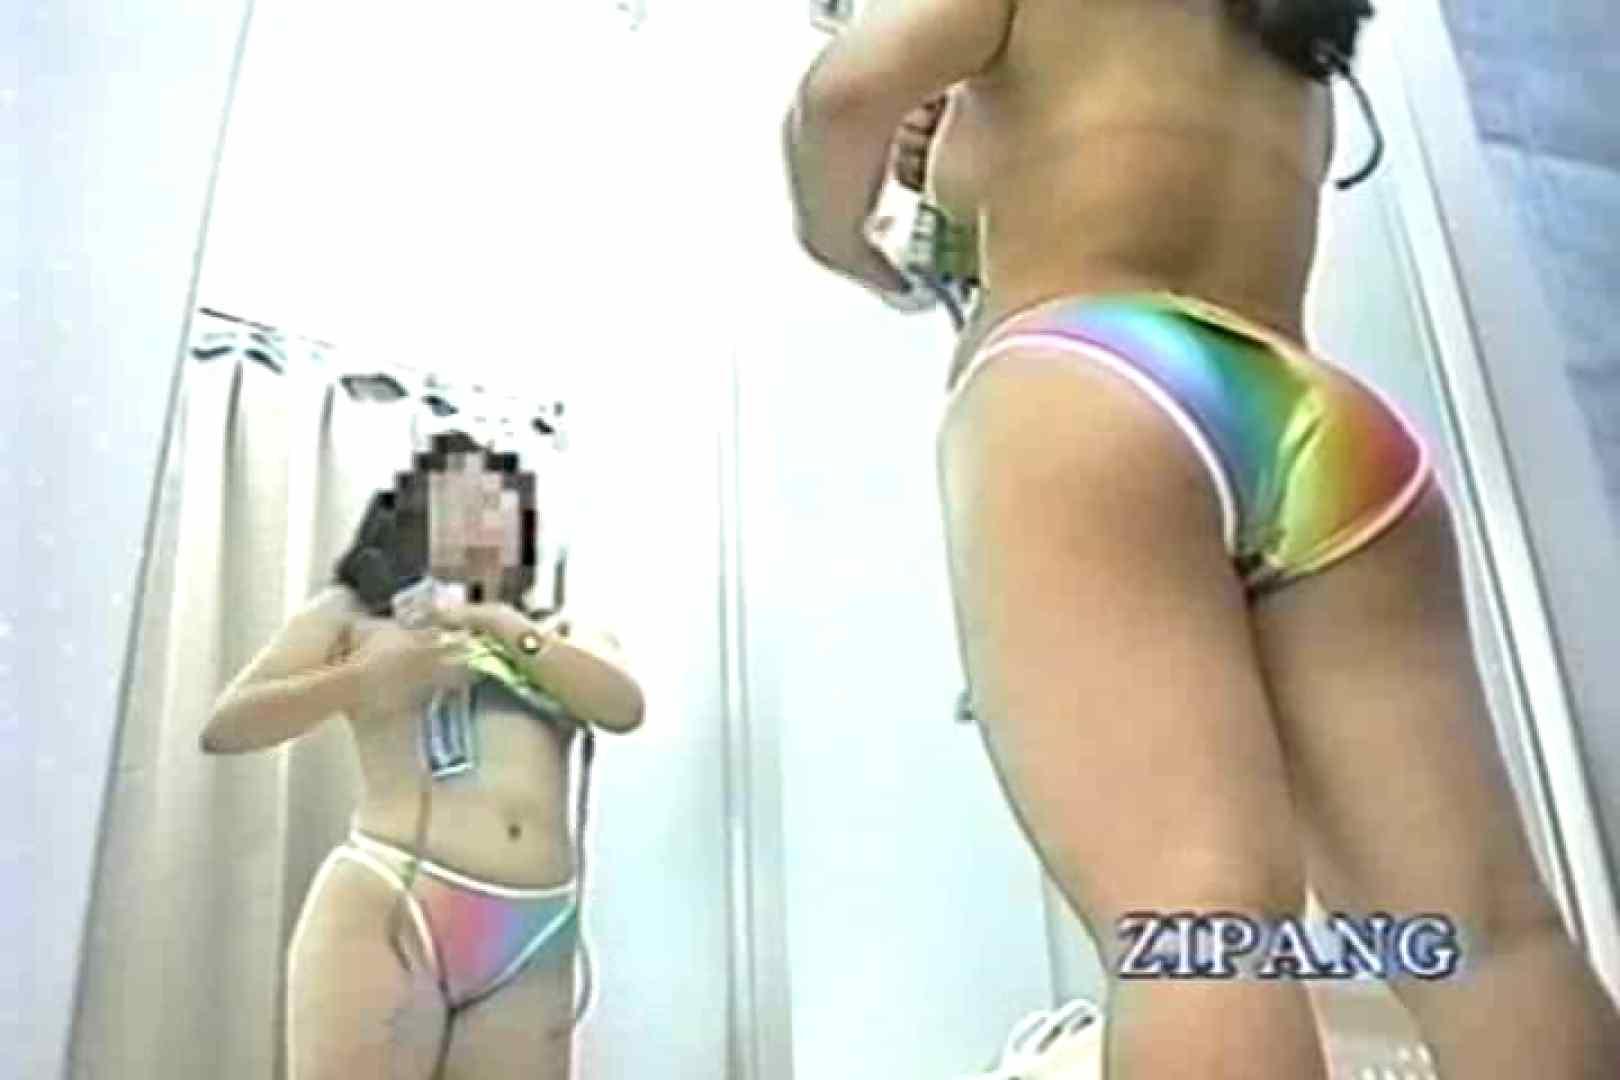 大胆!水着試着室の乙女達mo-3 乙女 性交動画流出 56連発 3